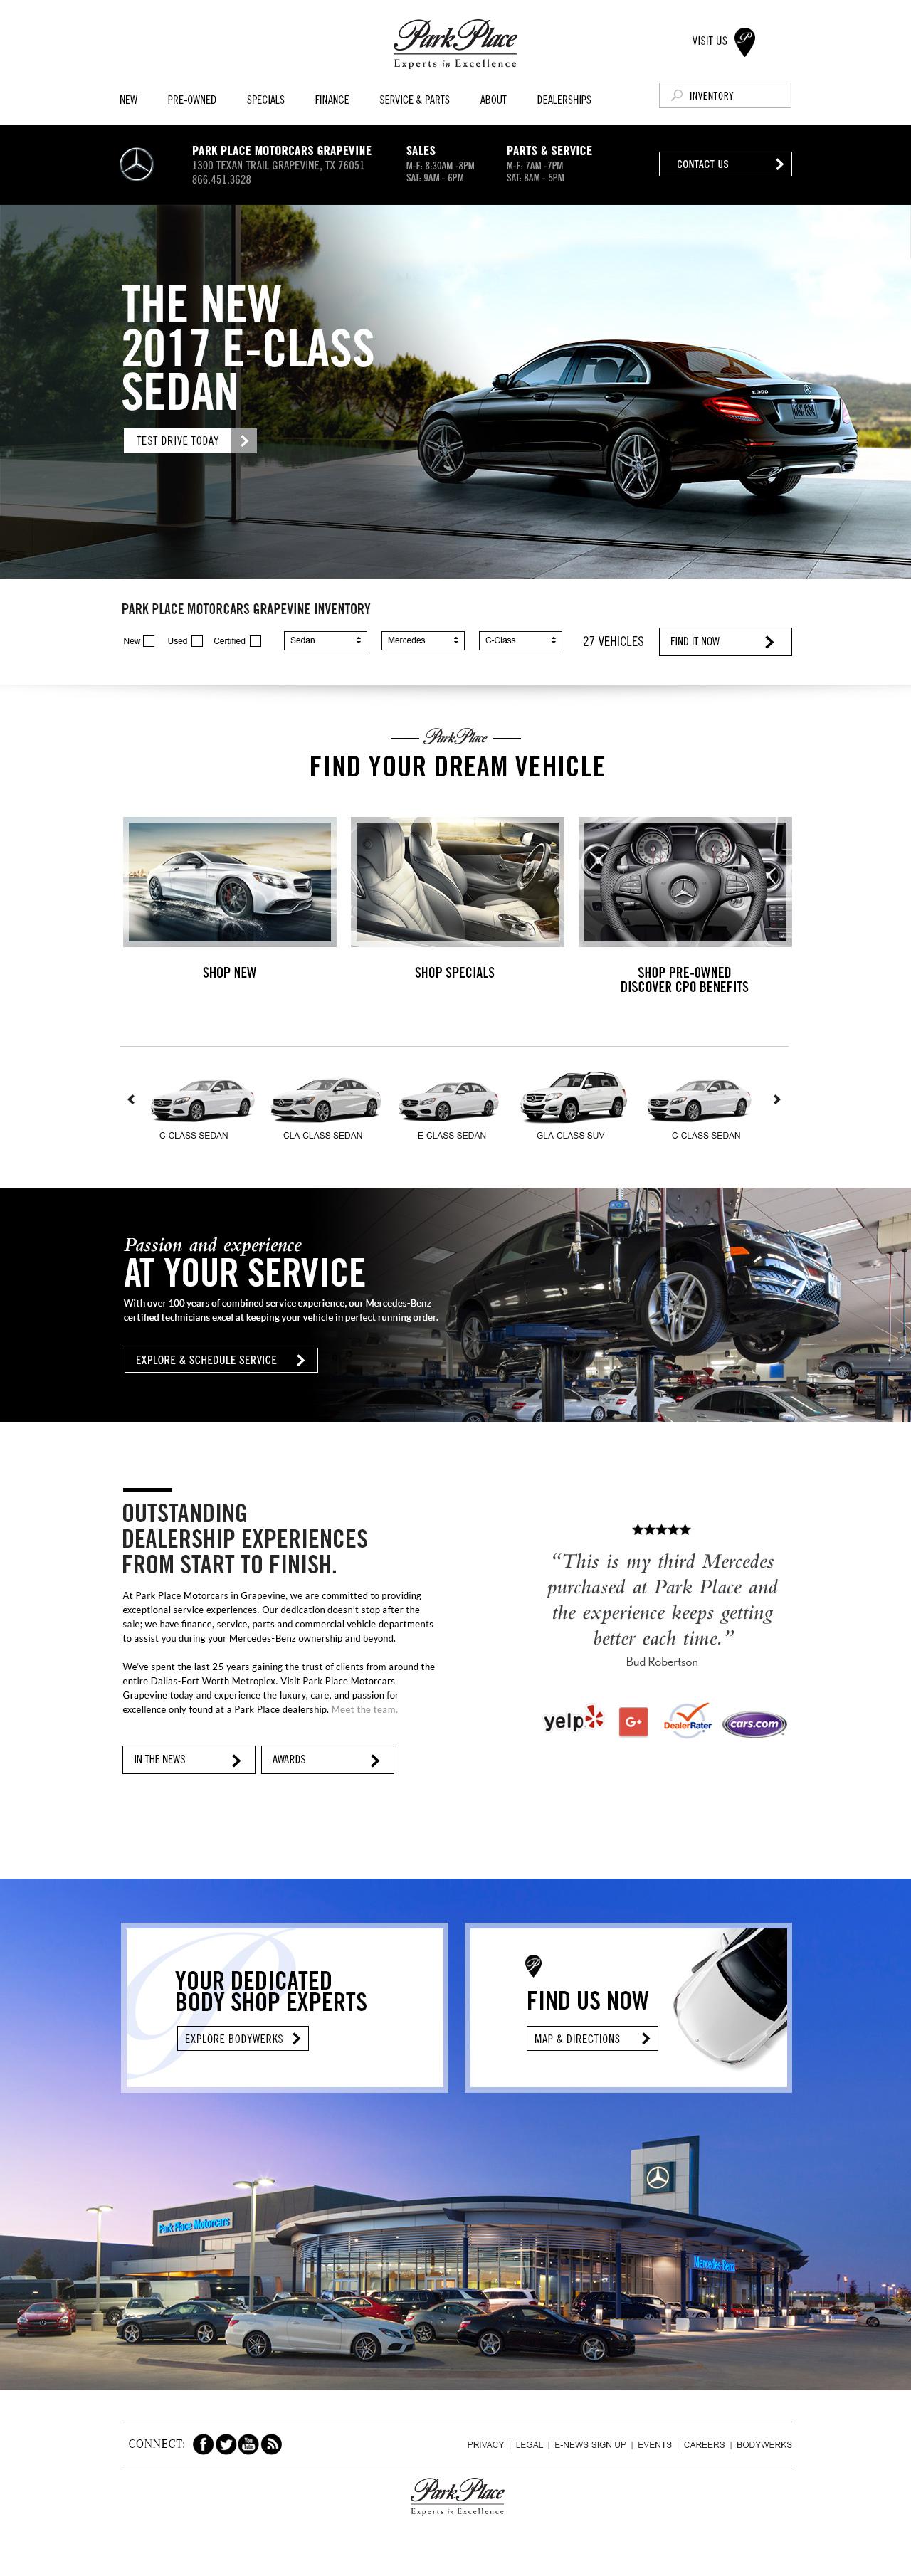 new_vehicle.jpg